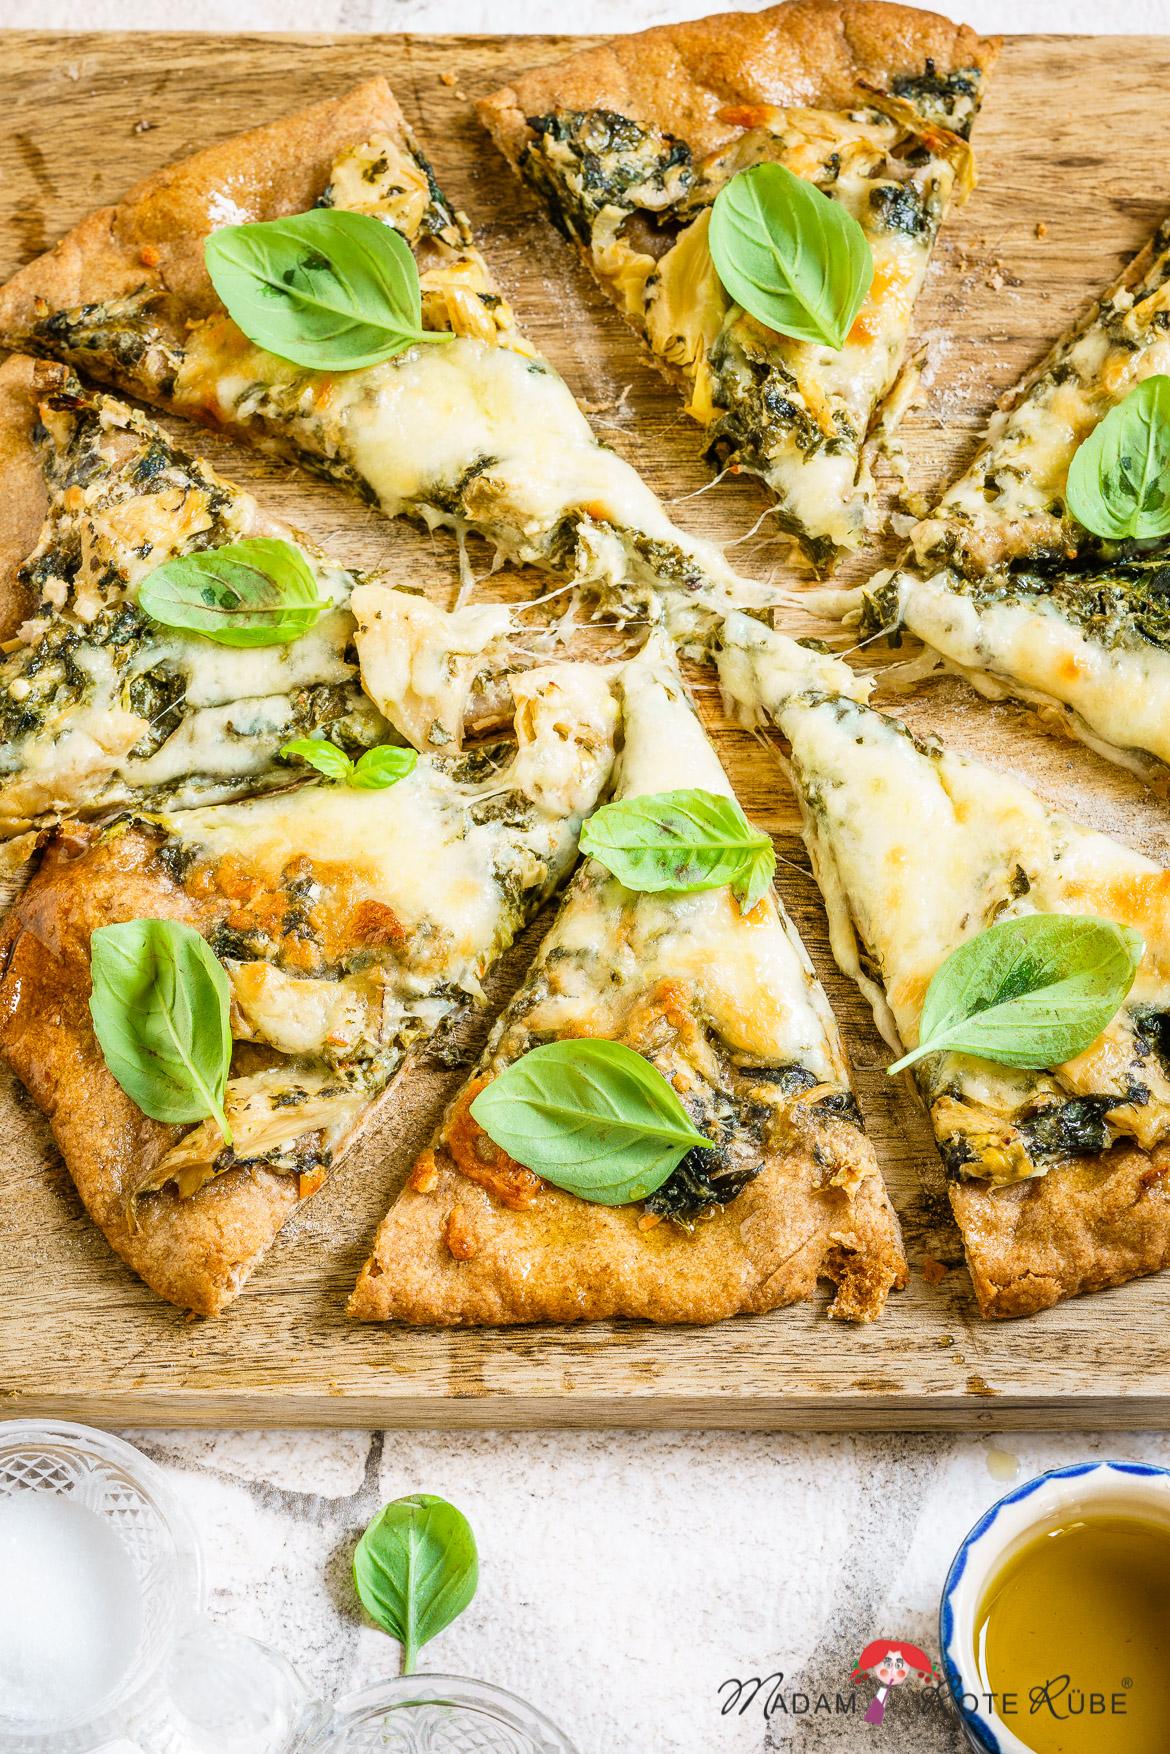 Madam Rote Rübe - Weiße Spinat-Artischocken-Vollkornpizza mit Sauerteig